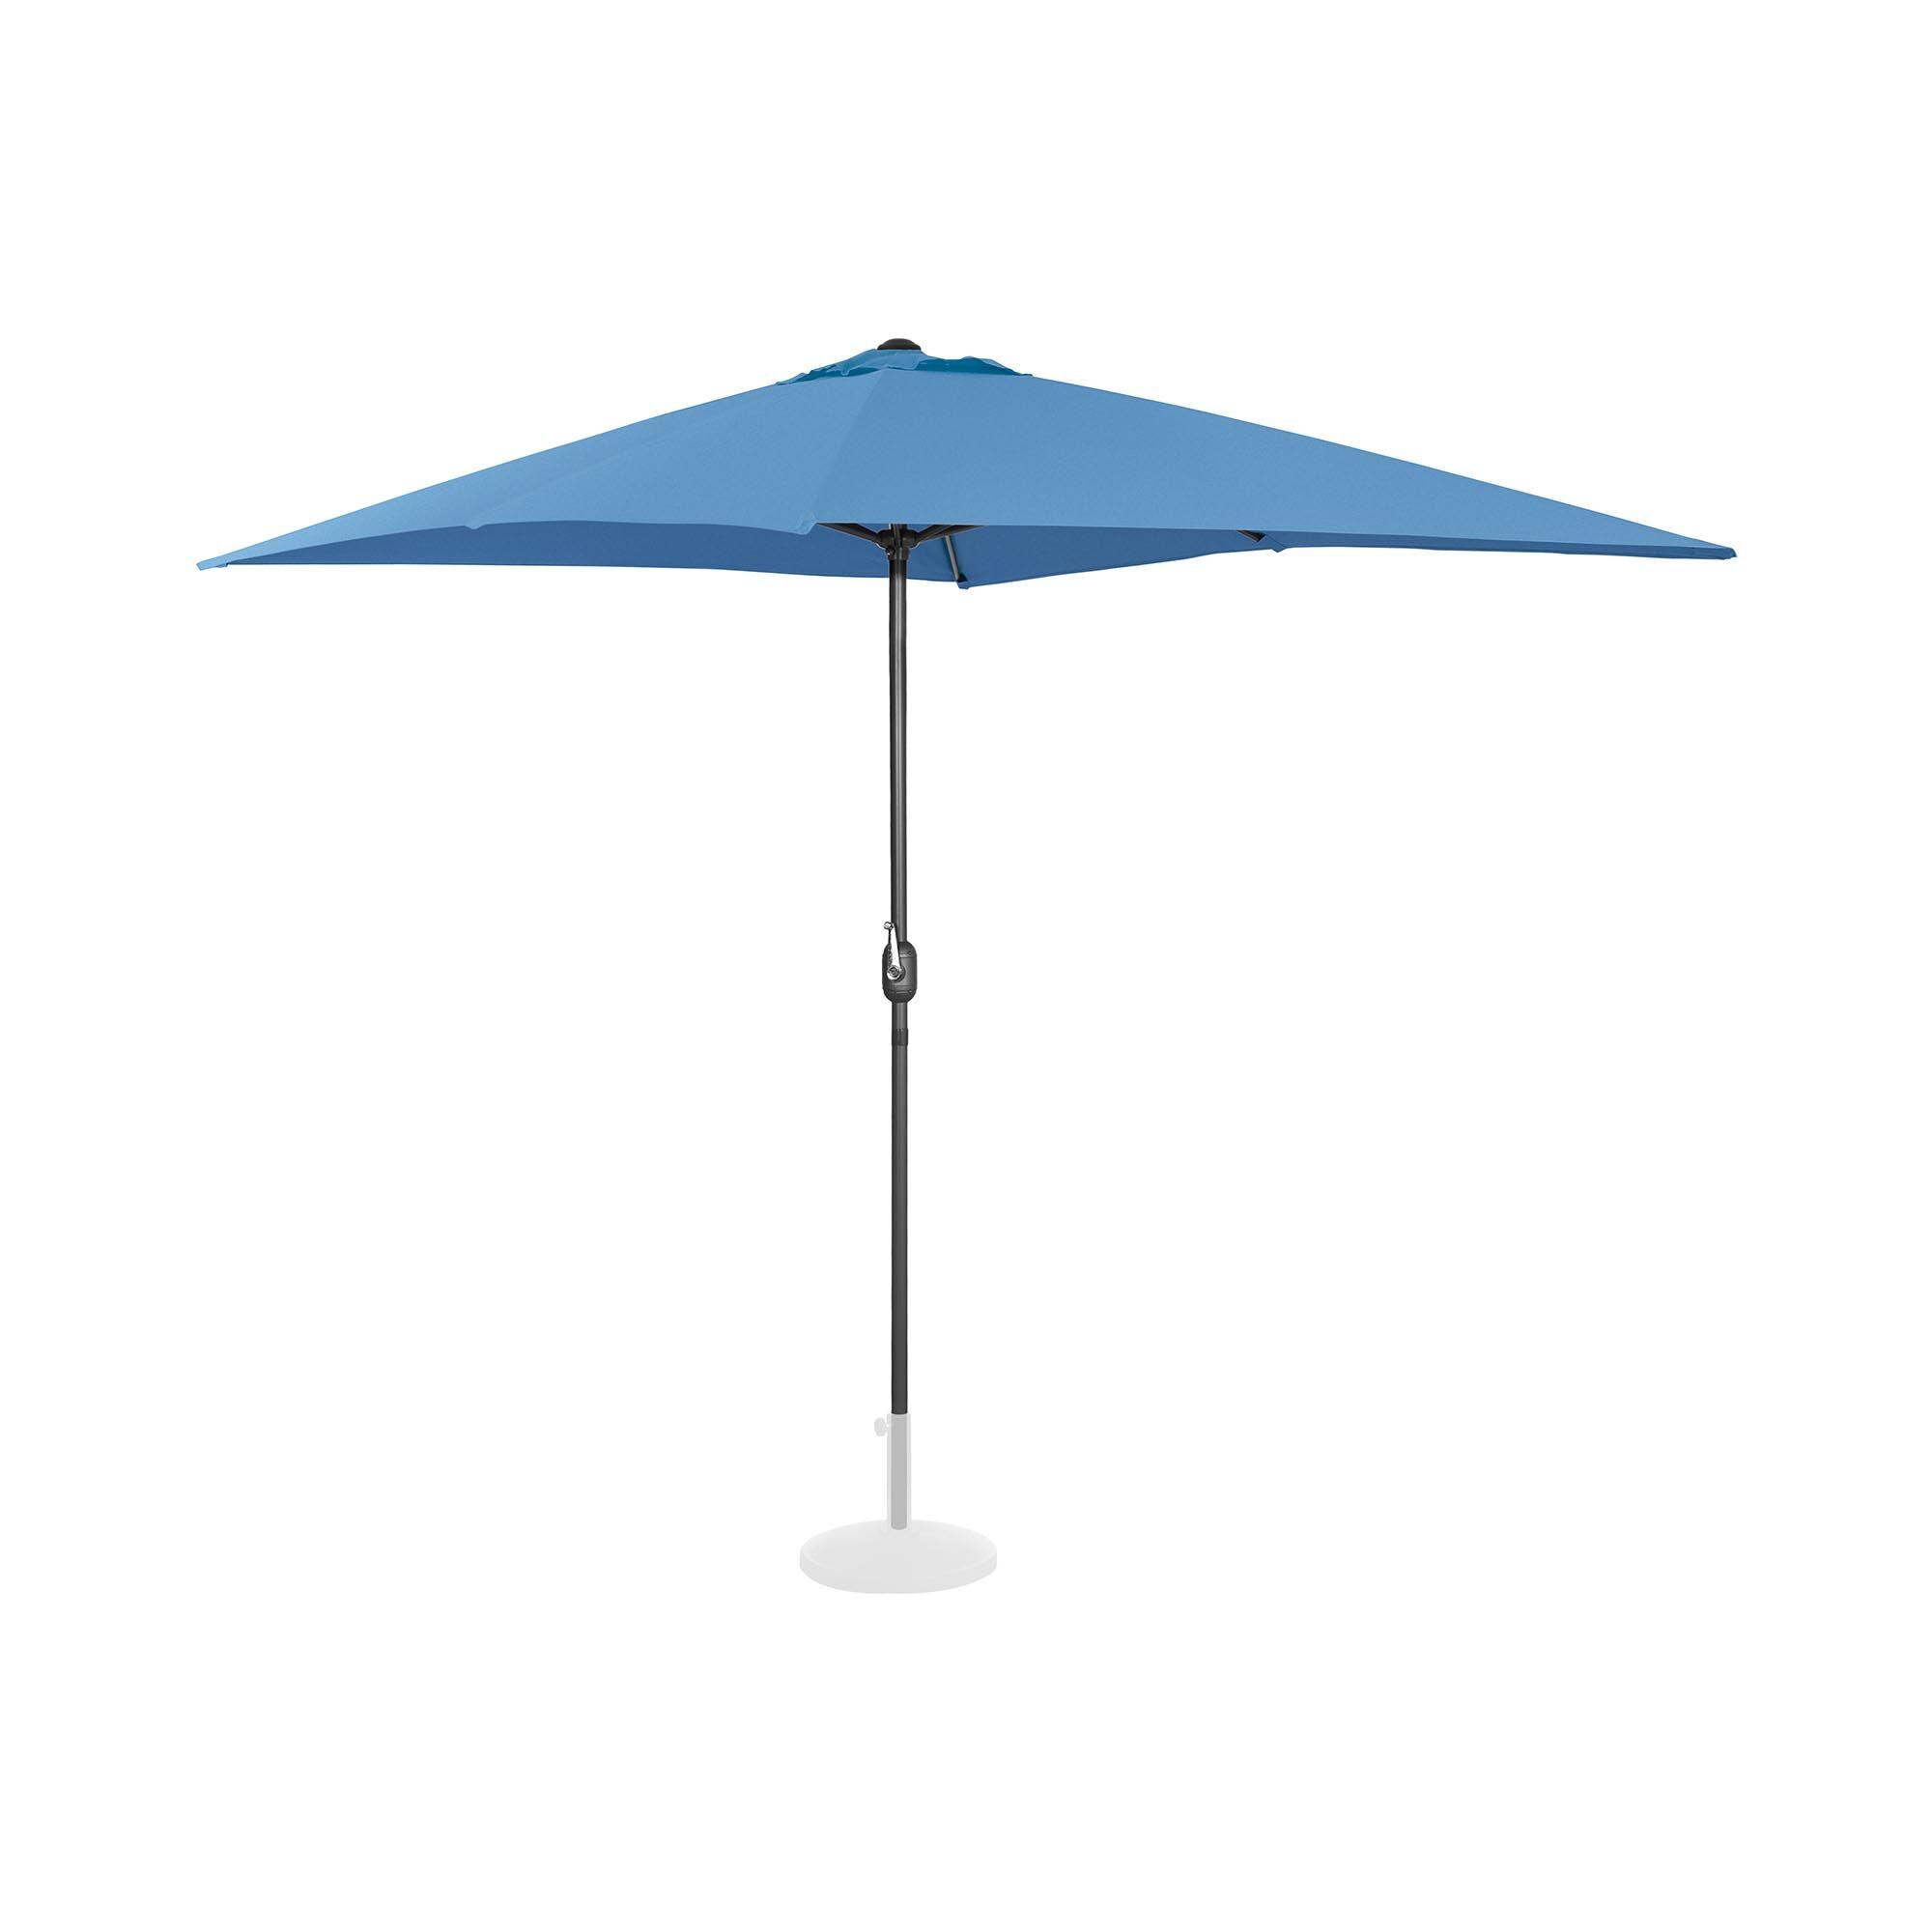 Uniprodo Ombrellone da esterno - palo centrale - blu - rettangolare - 200 x 300 cm UNI_UMBRELLA_SQ2030BL